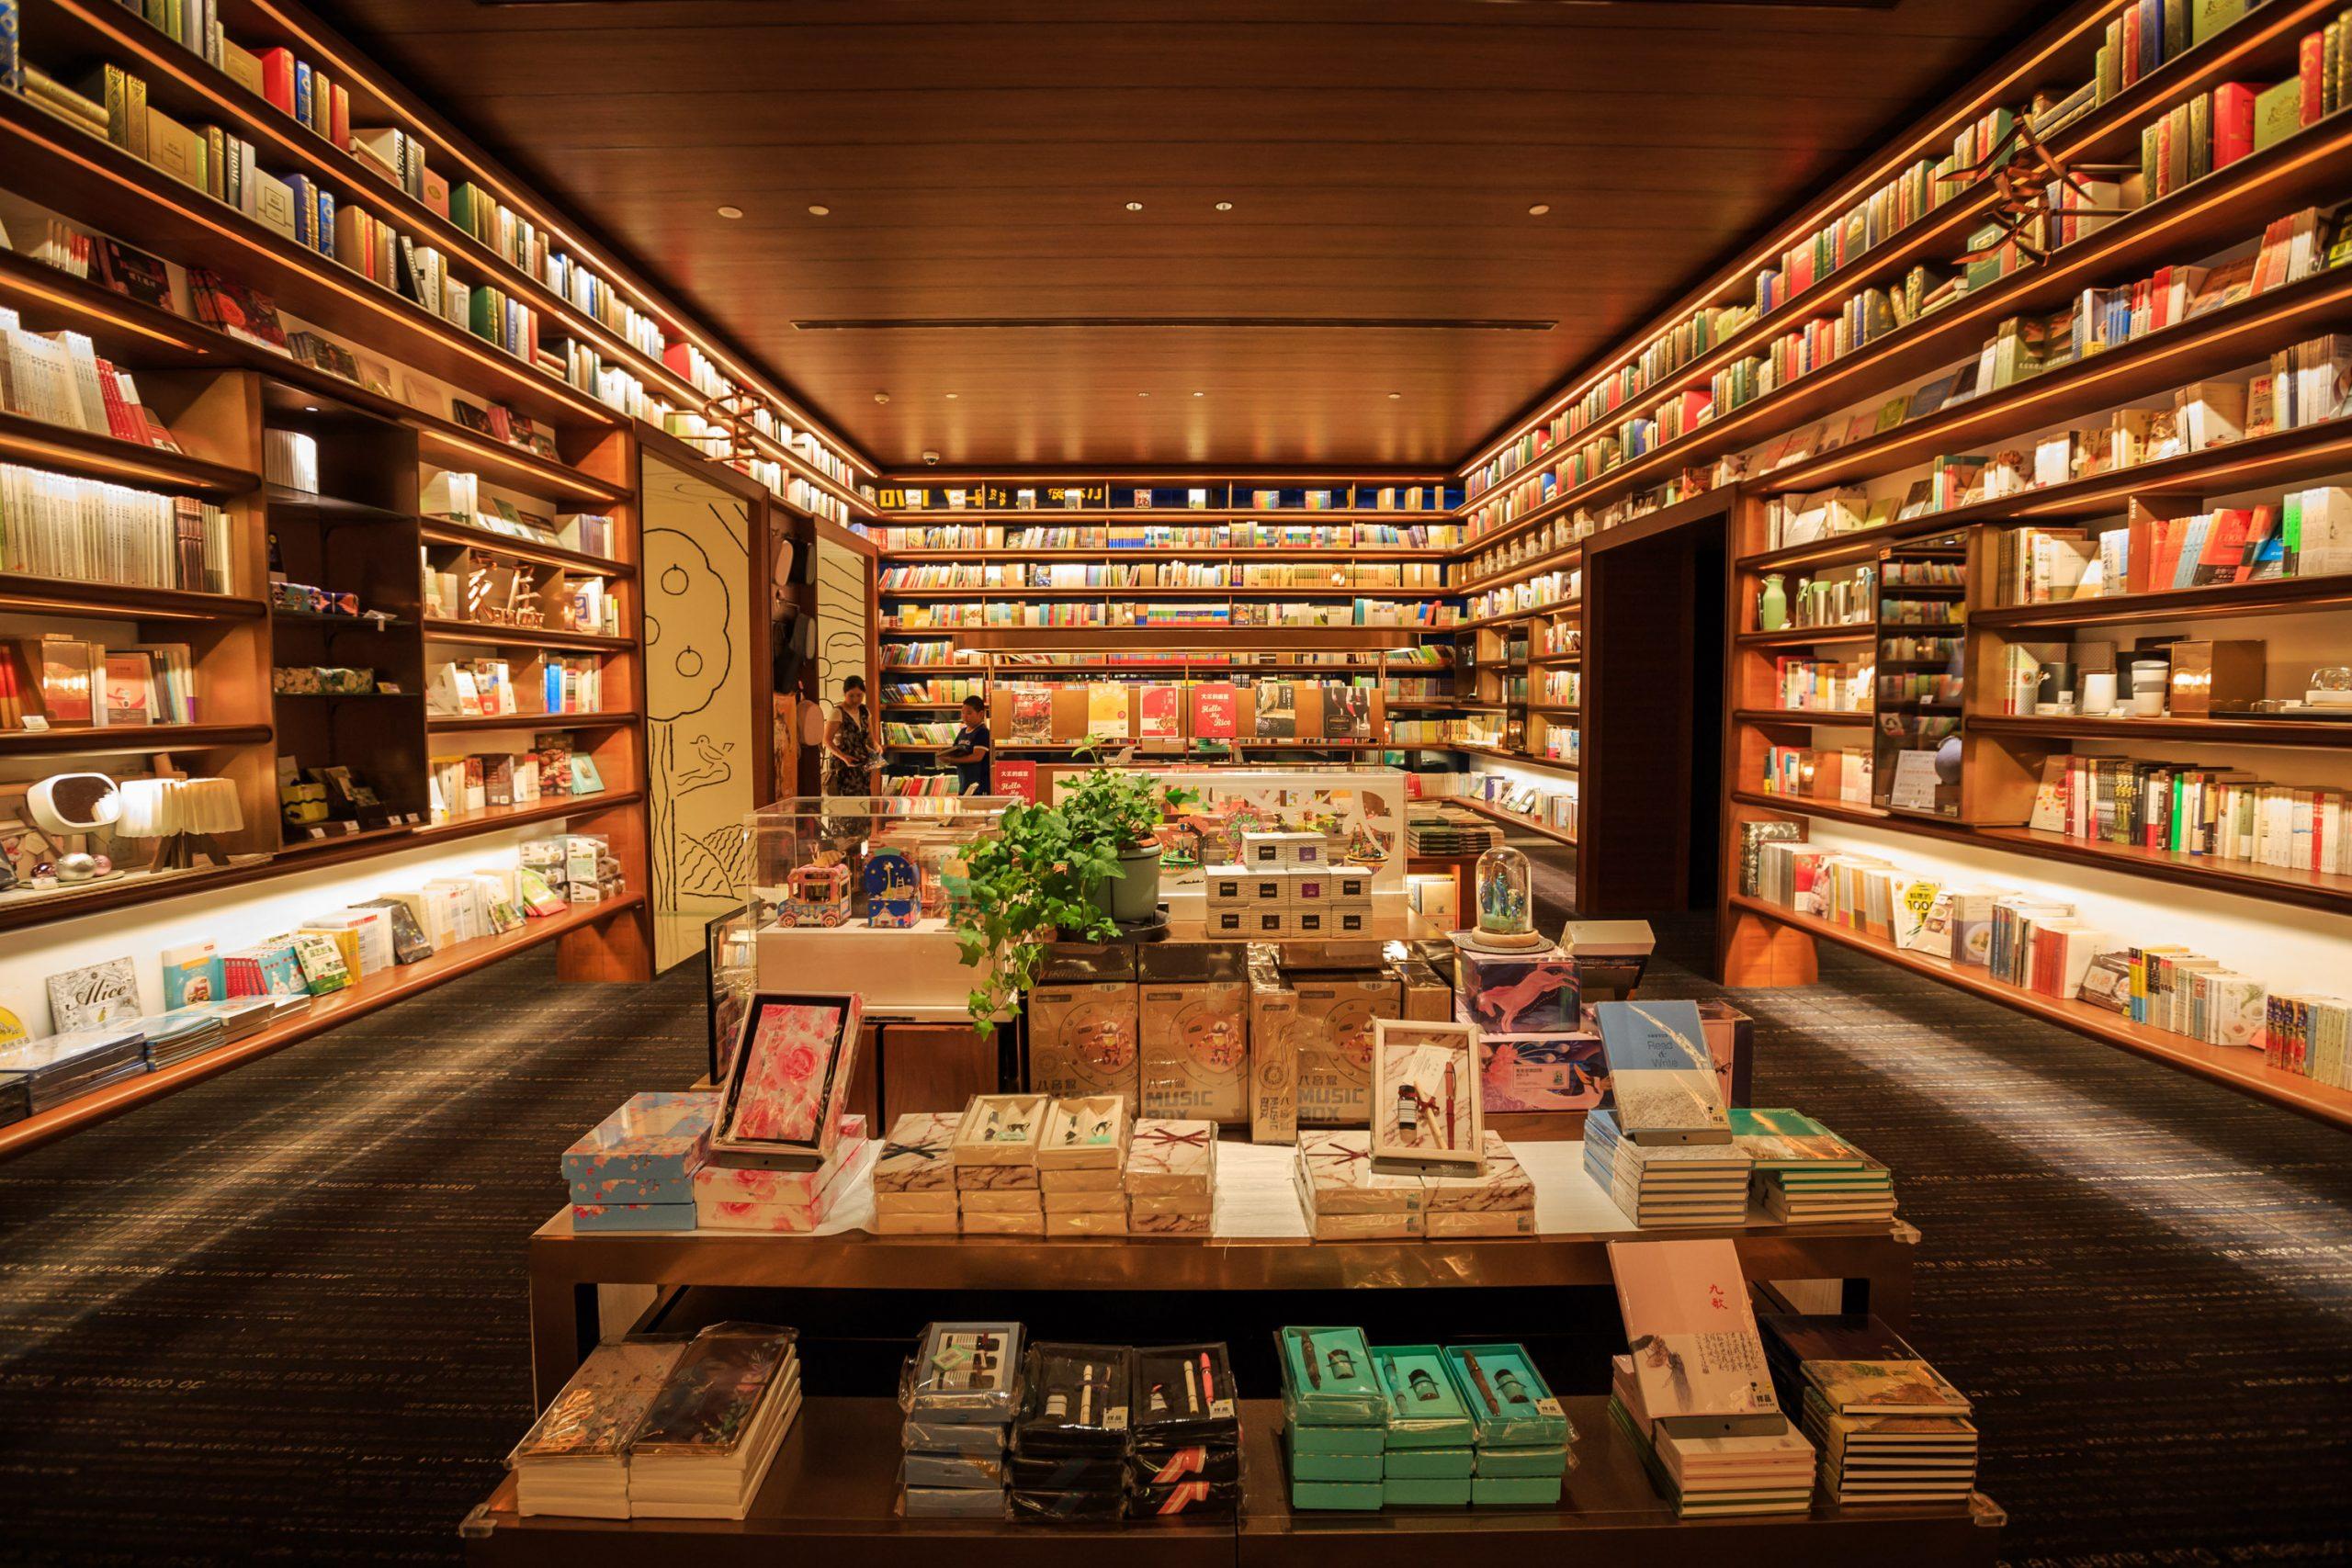 全国独立书店联合荐书2020年第11期